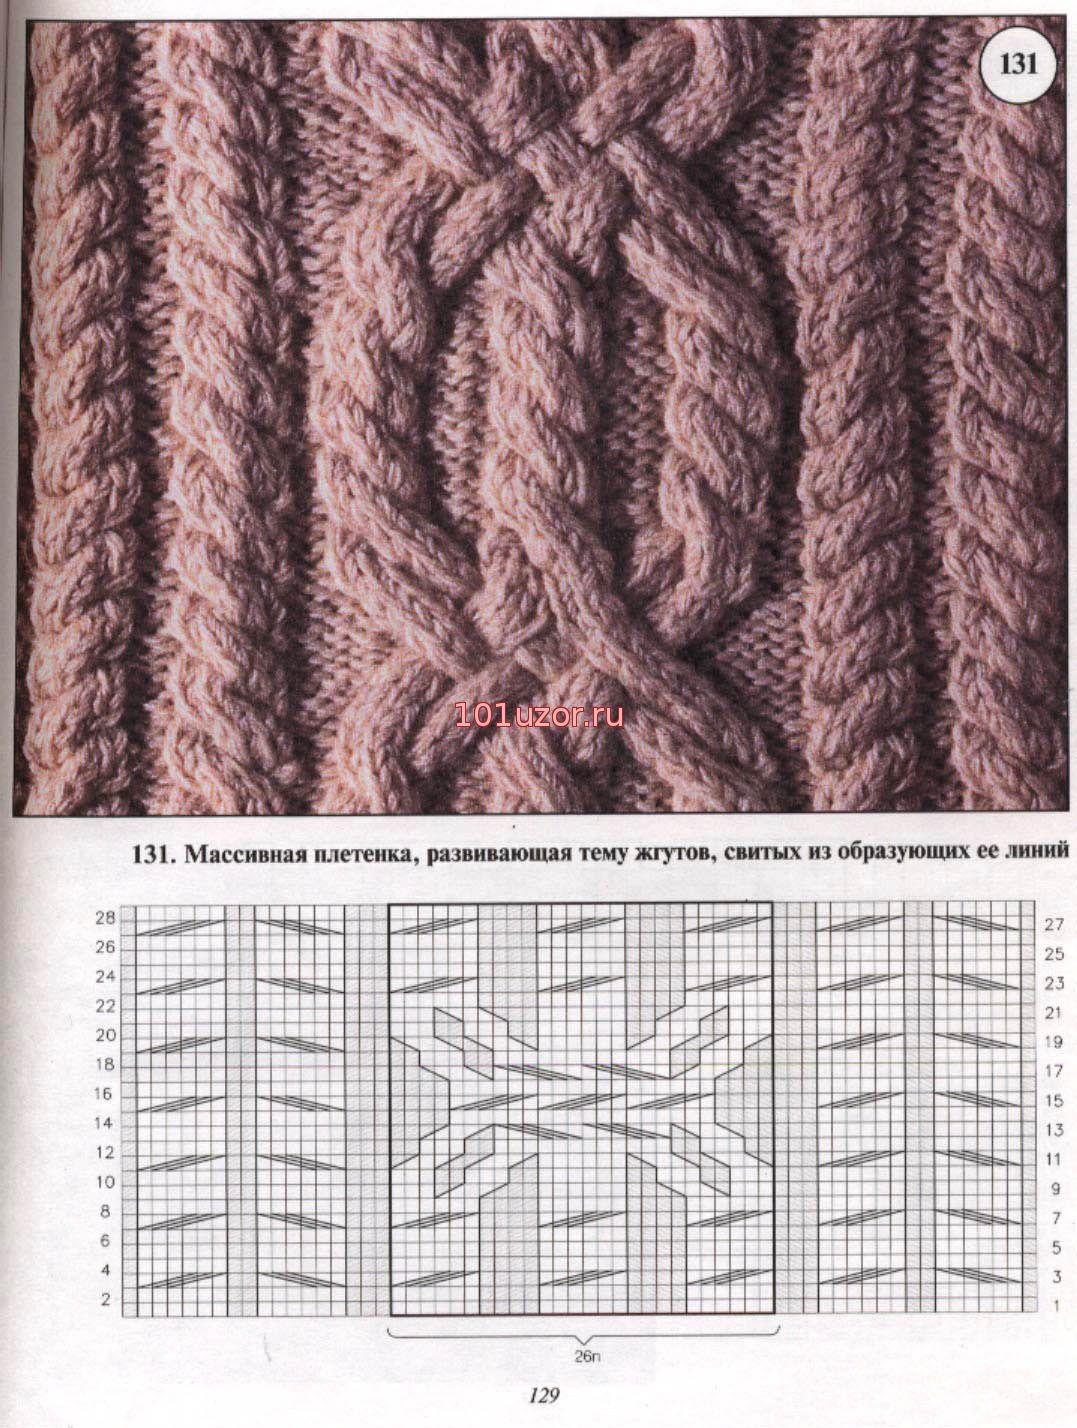 Узоры кос и жгутов спицами - Модное вязание Араны. - Pinterest 93